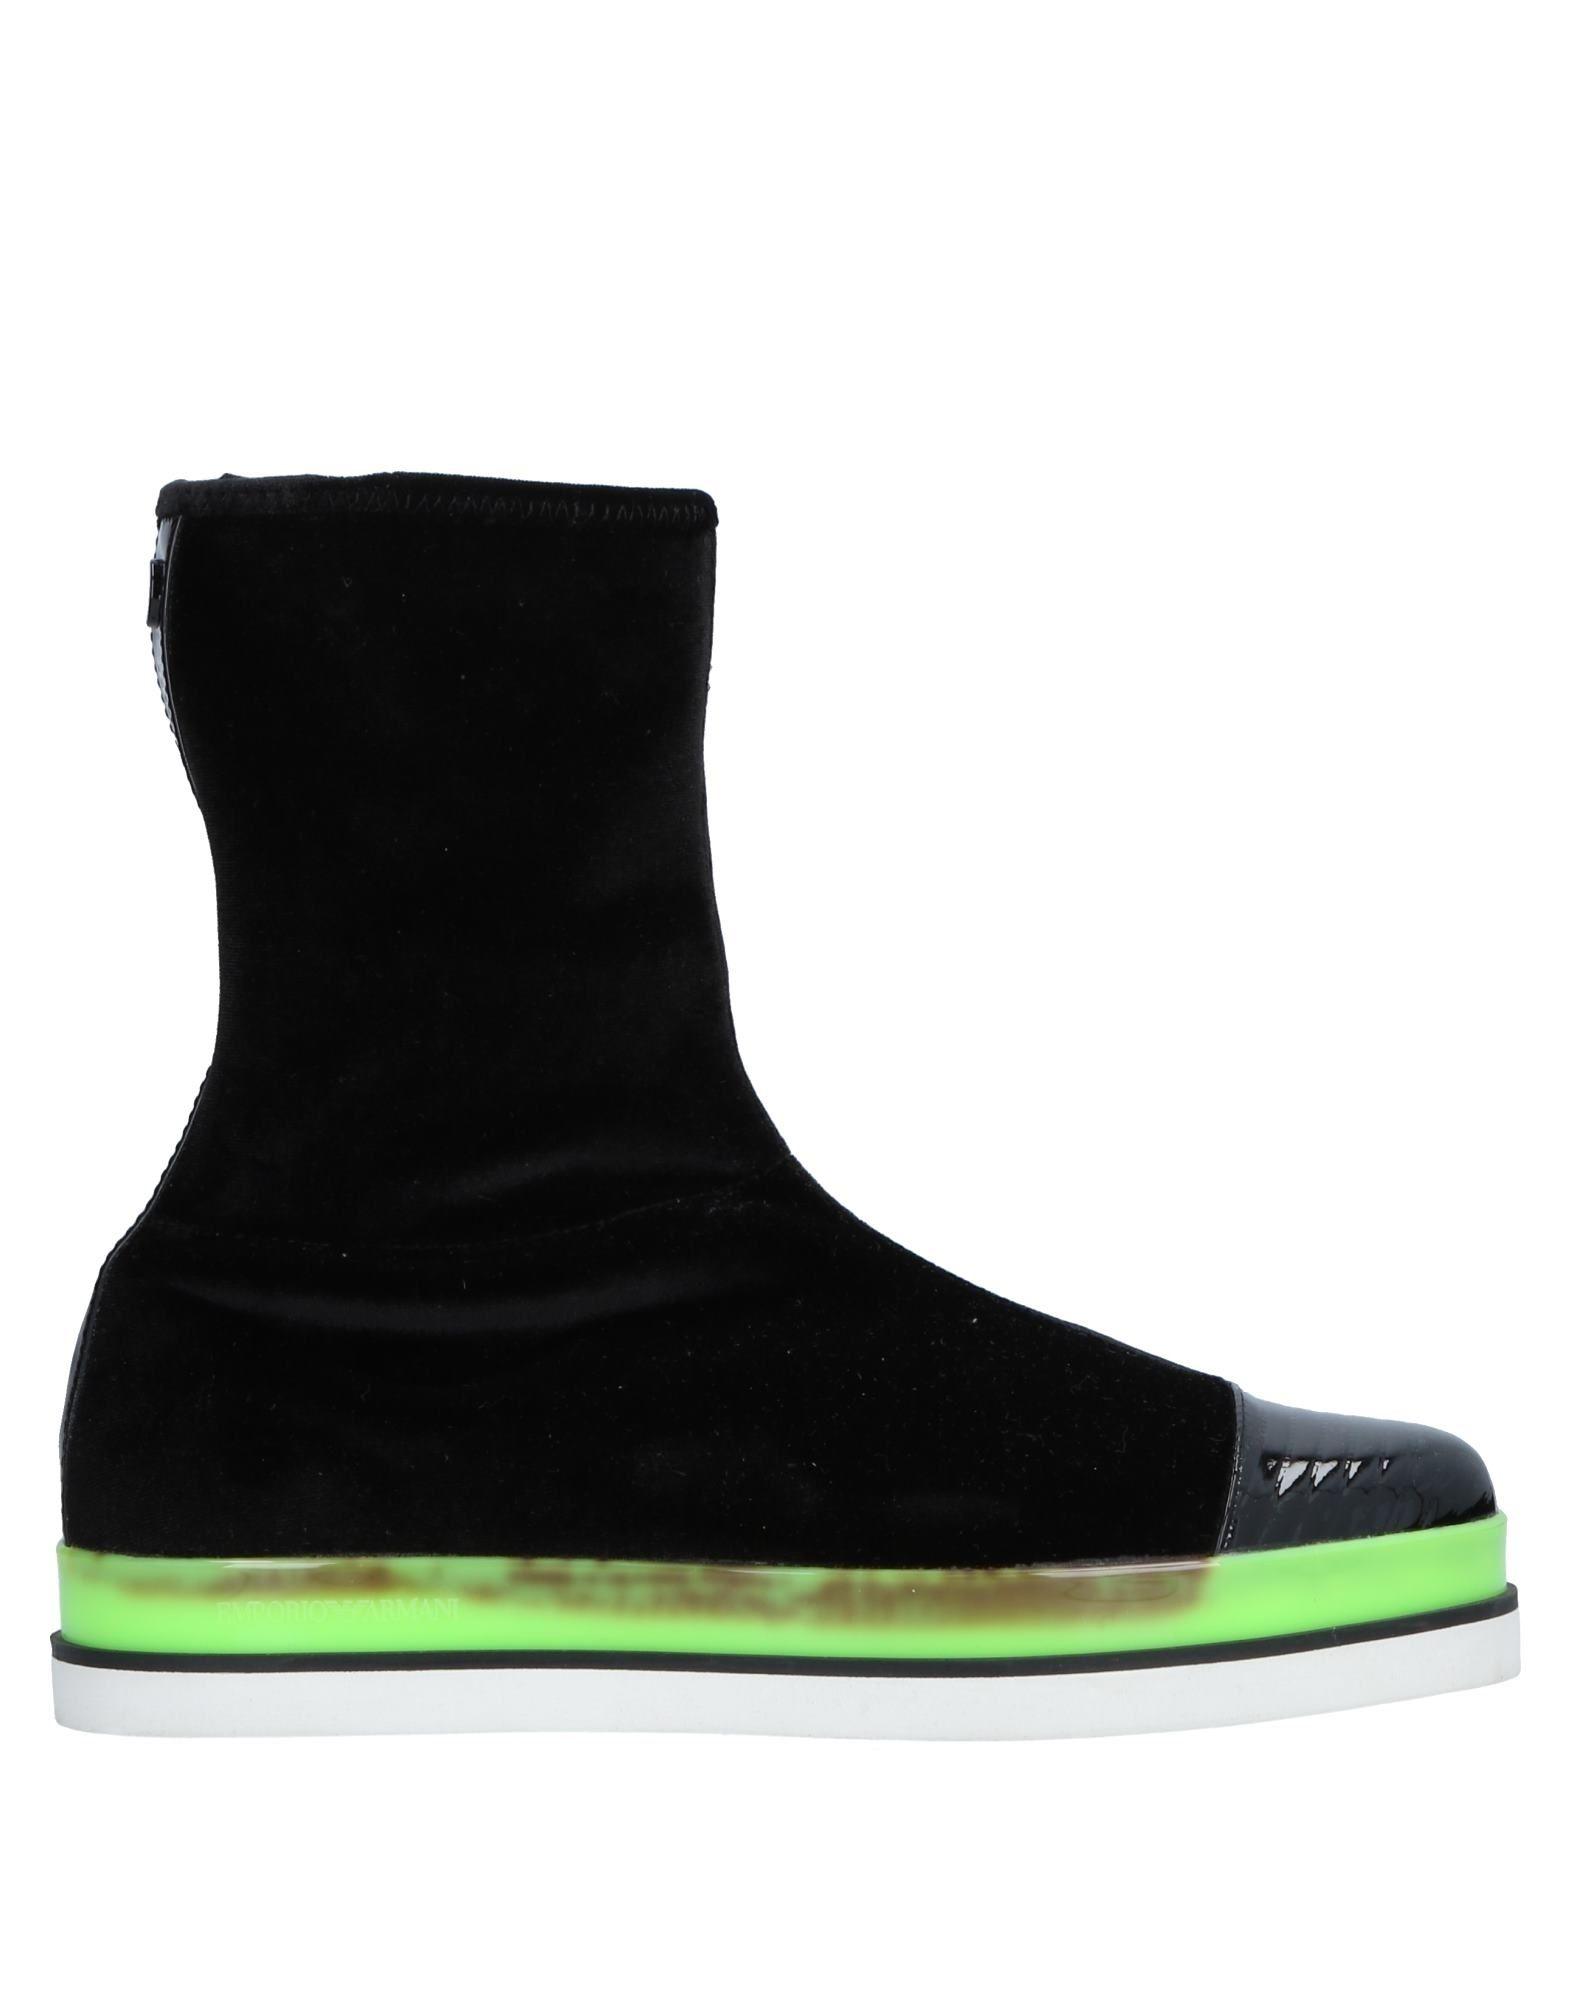 Emporio Armani Stiefelette Damen  11530881KMGut aussehende strapazierfähige Schuhe